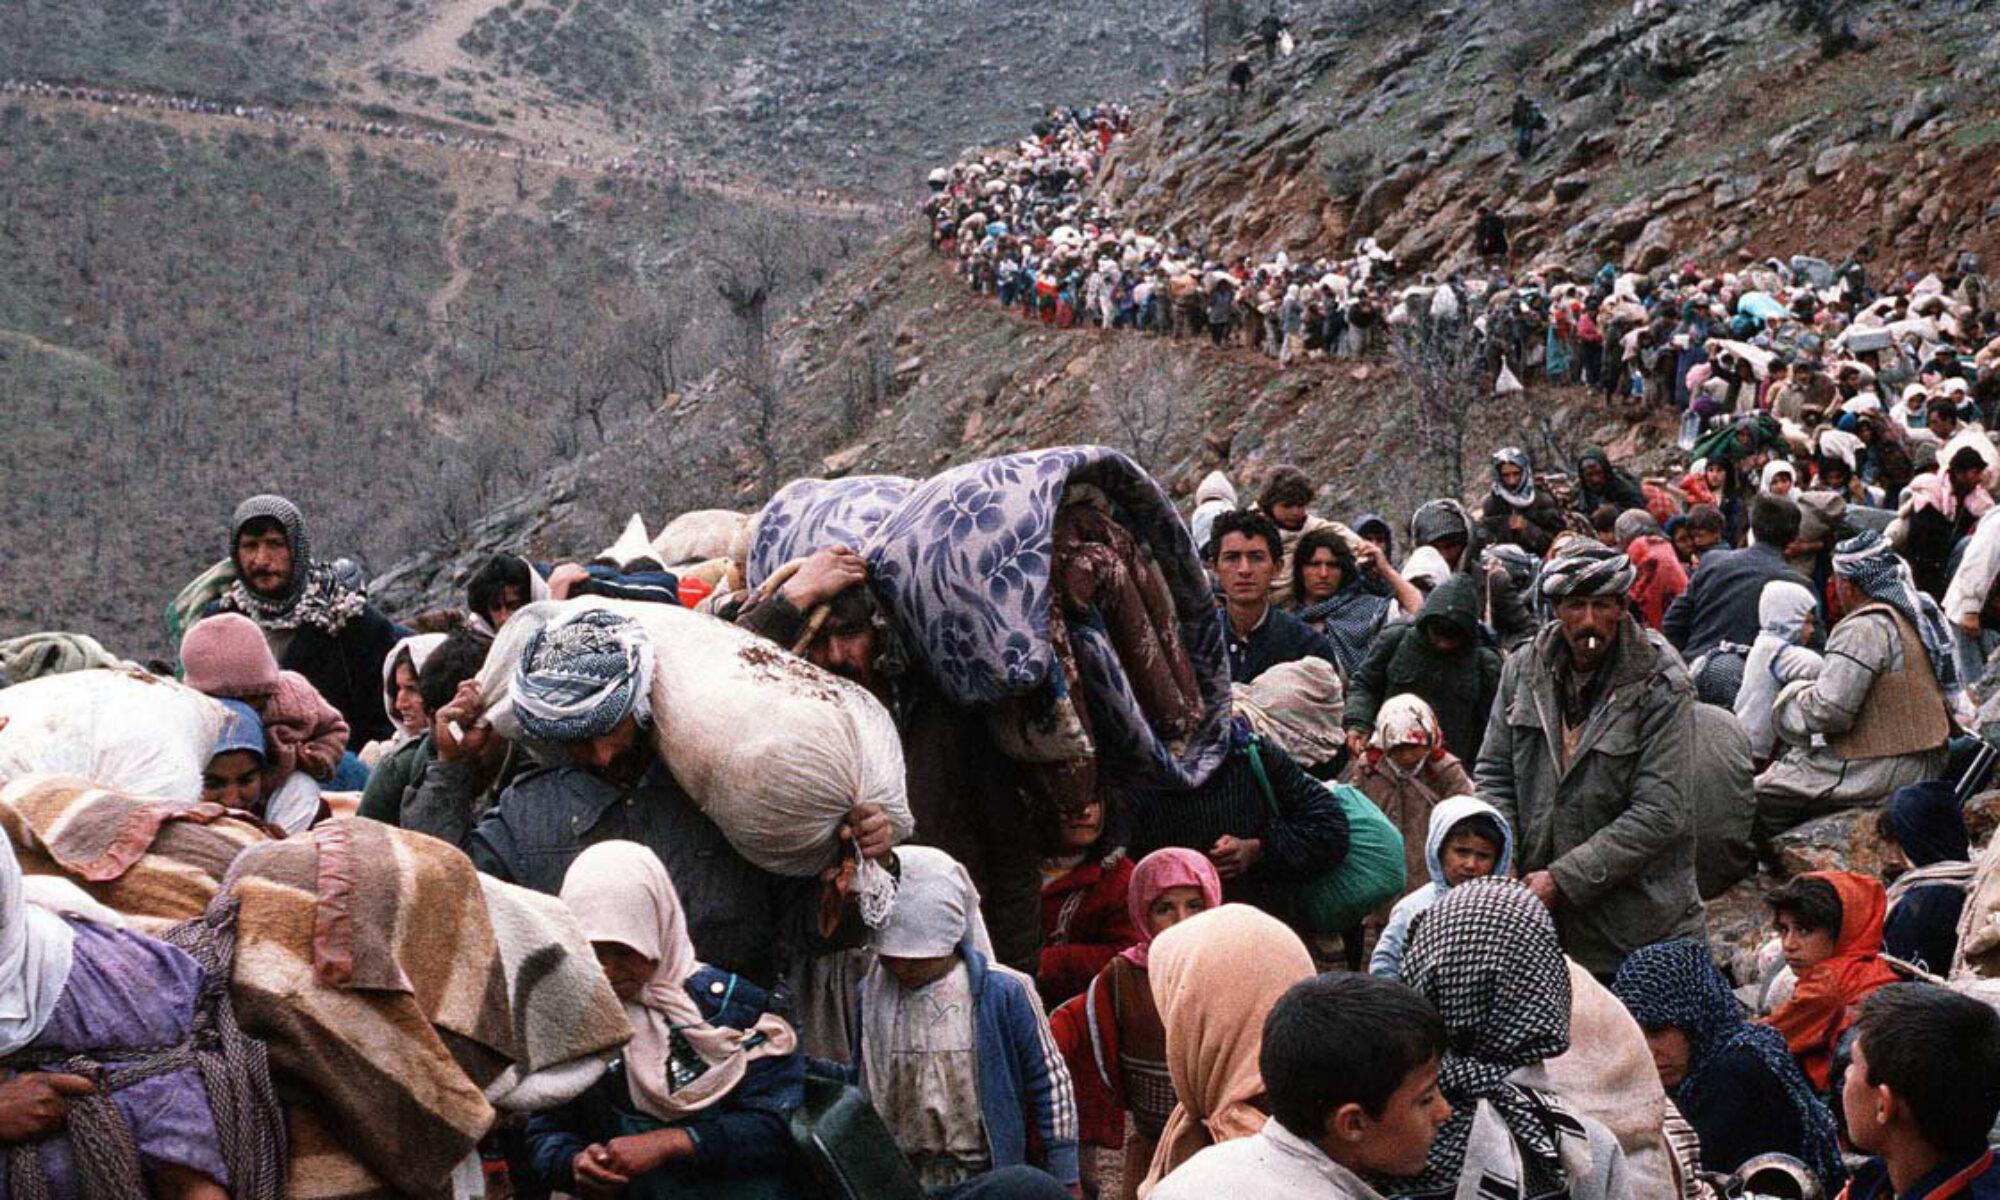 Kürtlerin büyük göçünün üstünden 30 yıl geçti Saddam, 31 Mart, Kürdistan, Peşmerge, Türkiye, BM Doğu Kürdistan